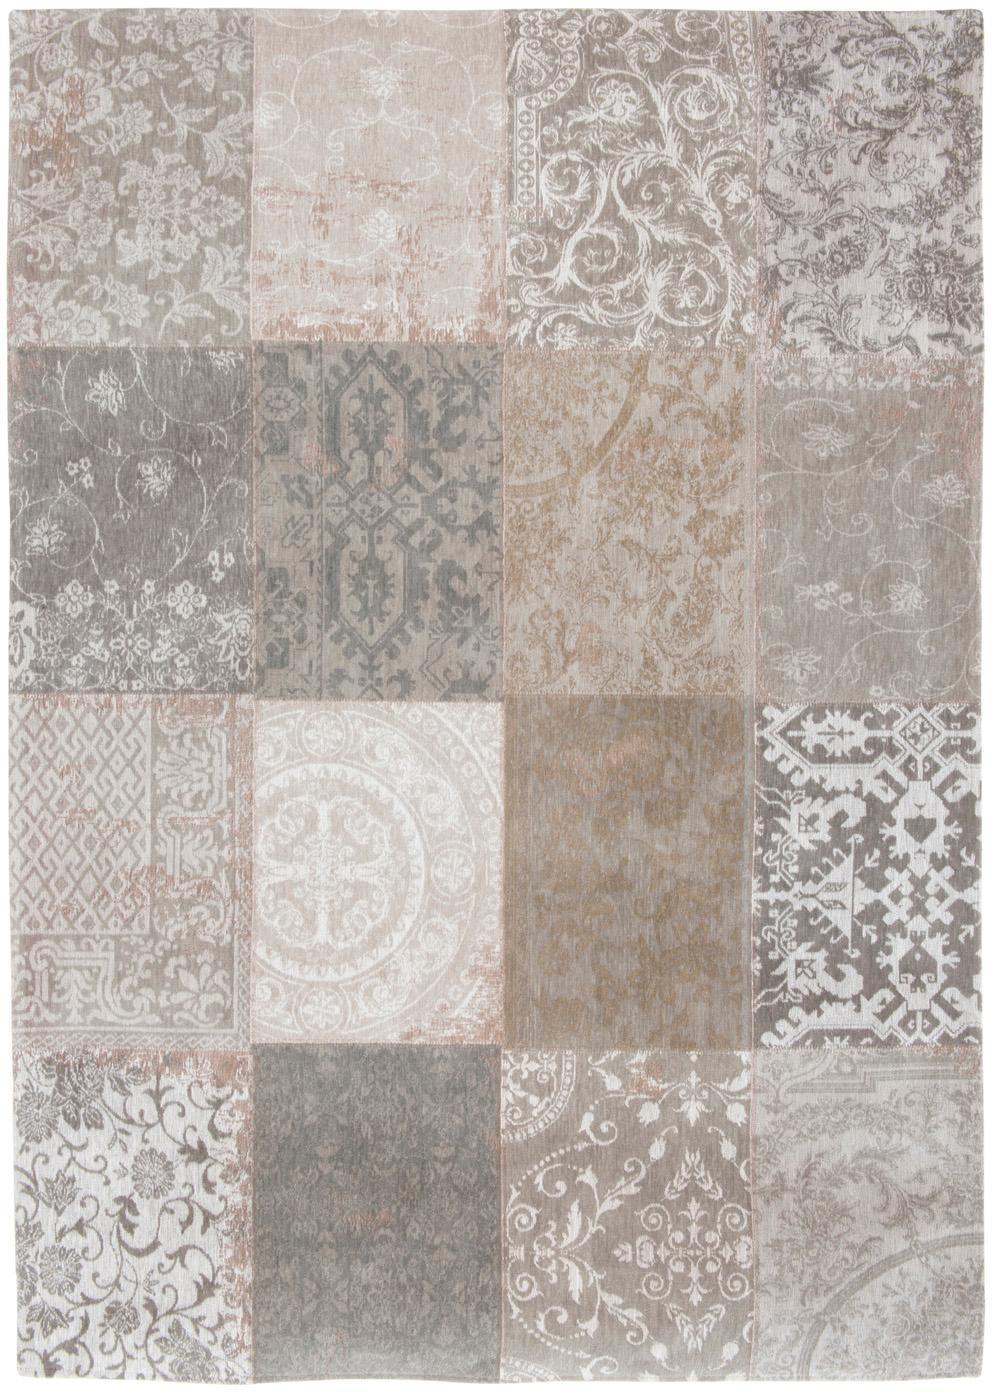 Tappeto con disegno patchwork Multi, Retro: Miscela di cotone, rivest, Beige, grigio, Larg.170 x Lung. 240 cm  (taglia M)